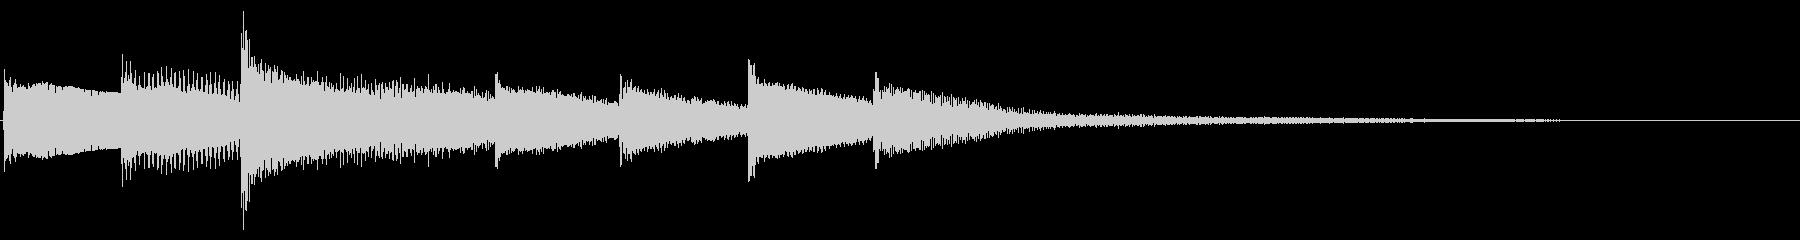 【暗い雰囲気】シンプルなピアノジングルの未再生の波形